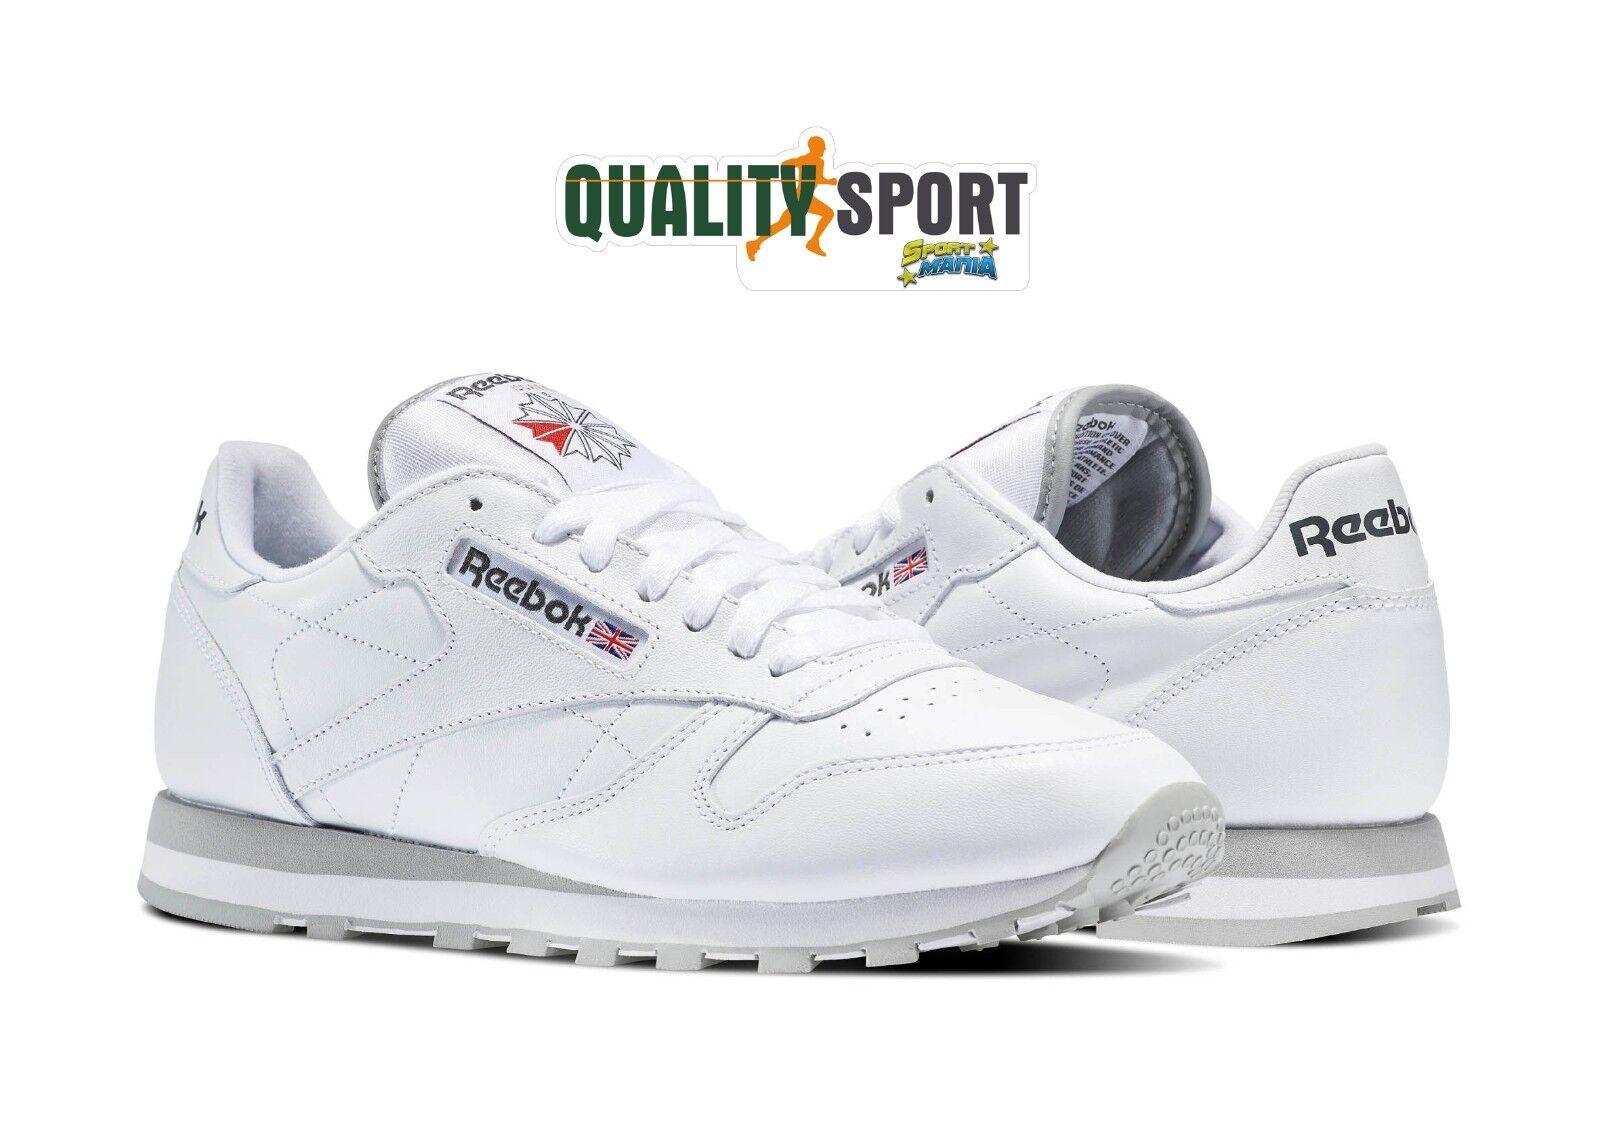 Reebok Classic Leather Sportive Bianco Zapatos Zapatos hombre Sportive Leather Sneakers 2214 2018 793153